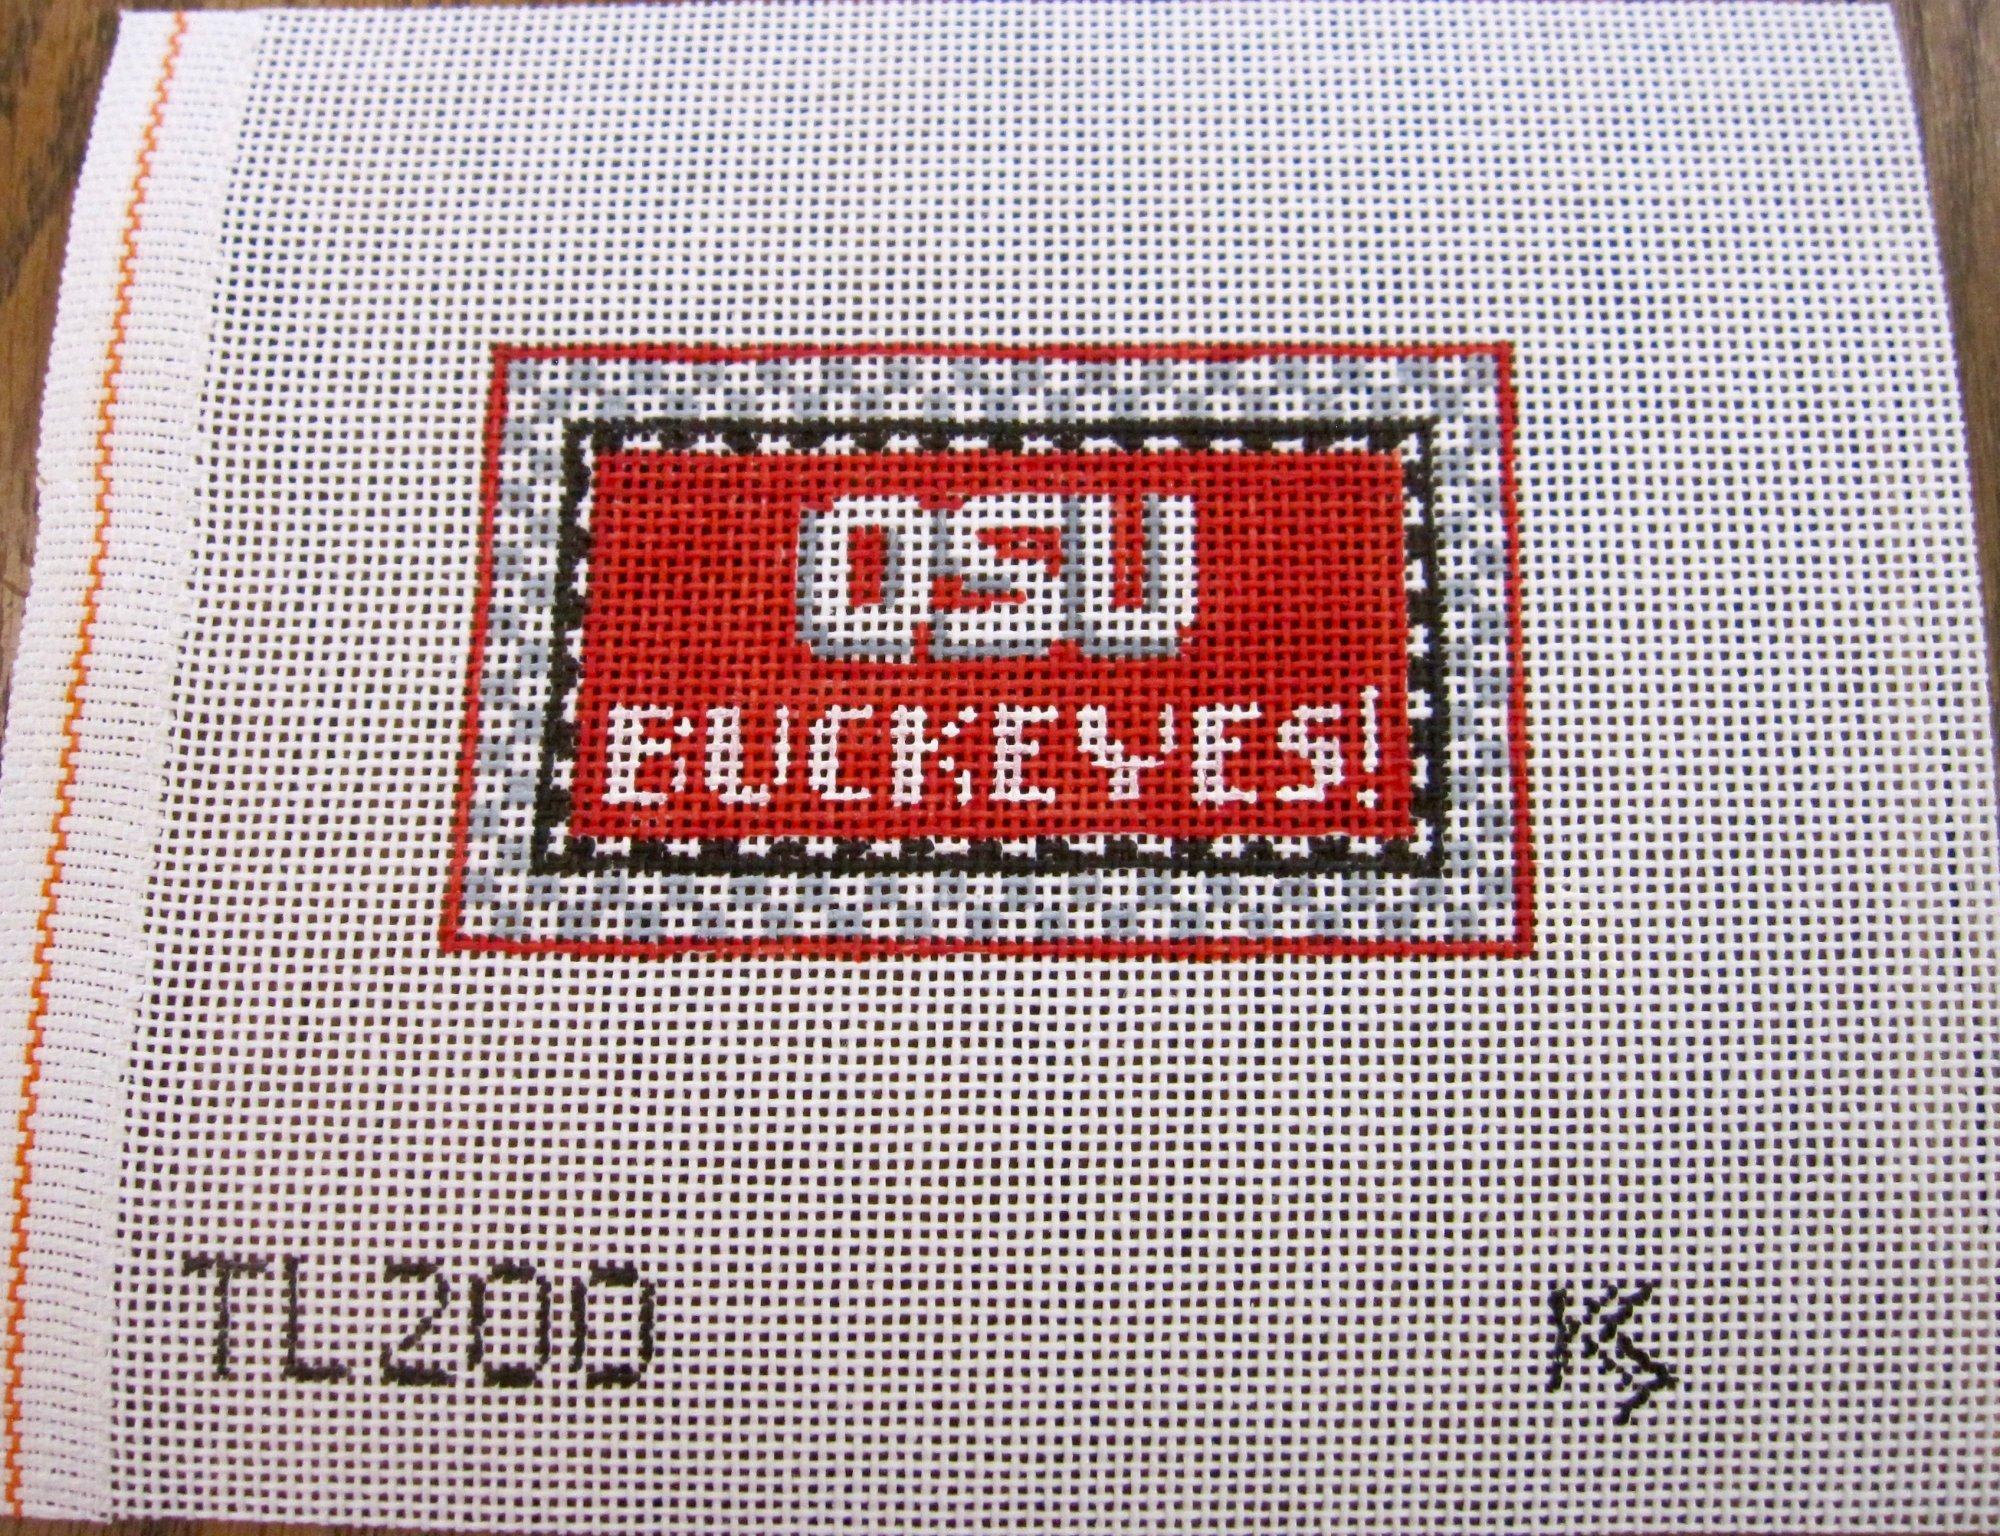 OSU Buckeyes!